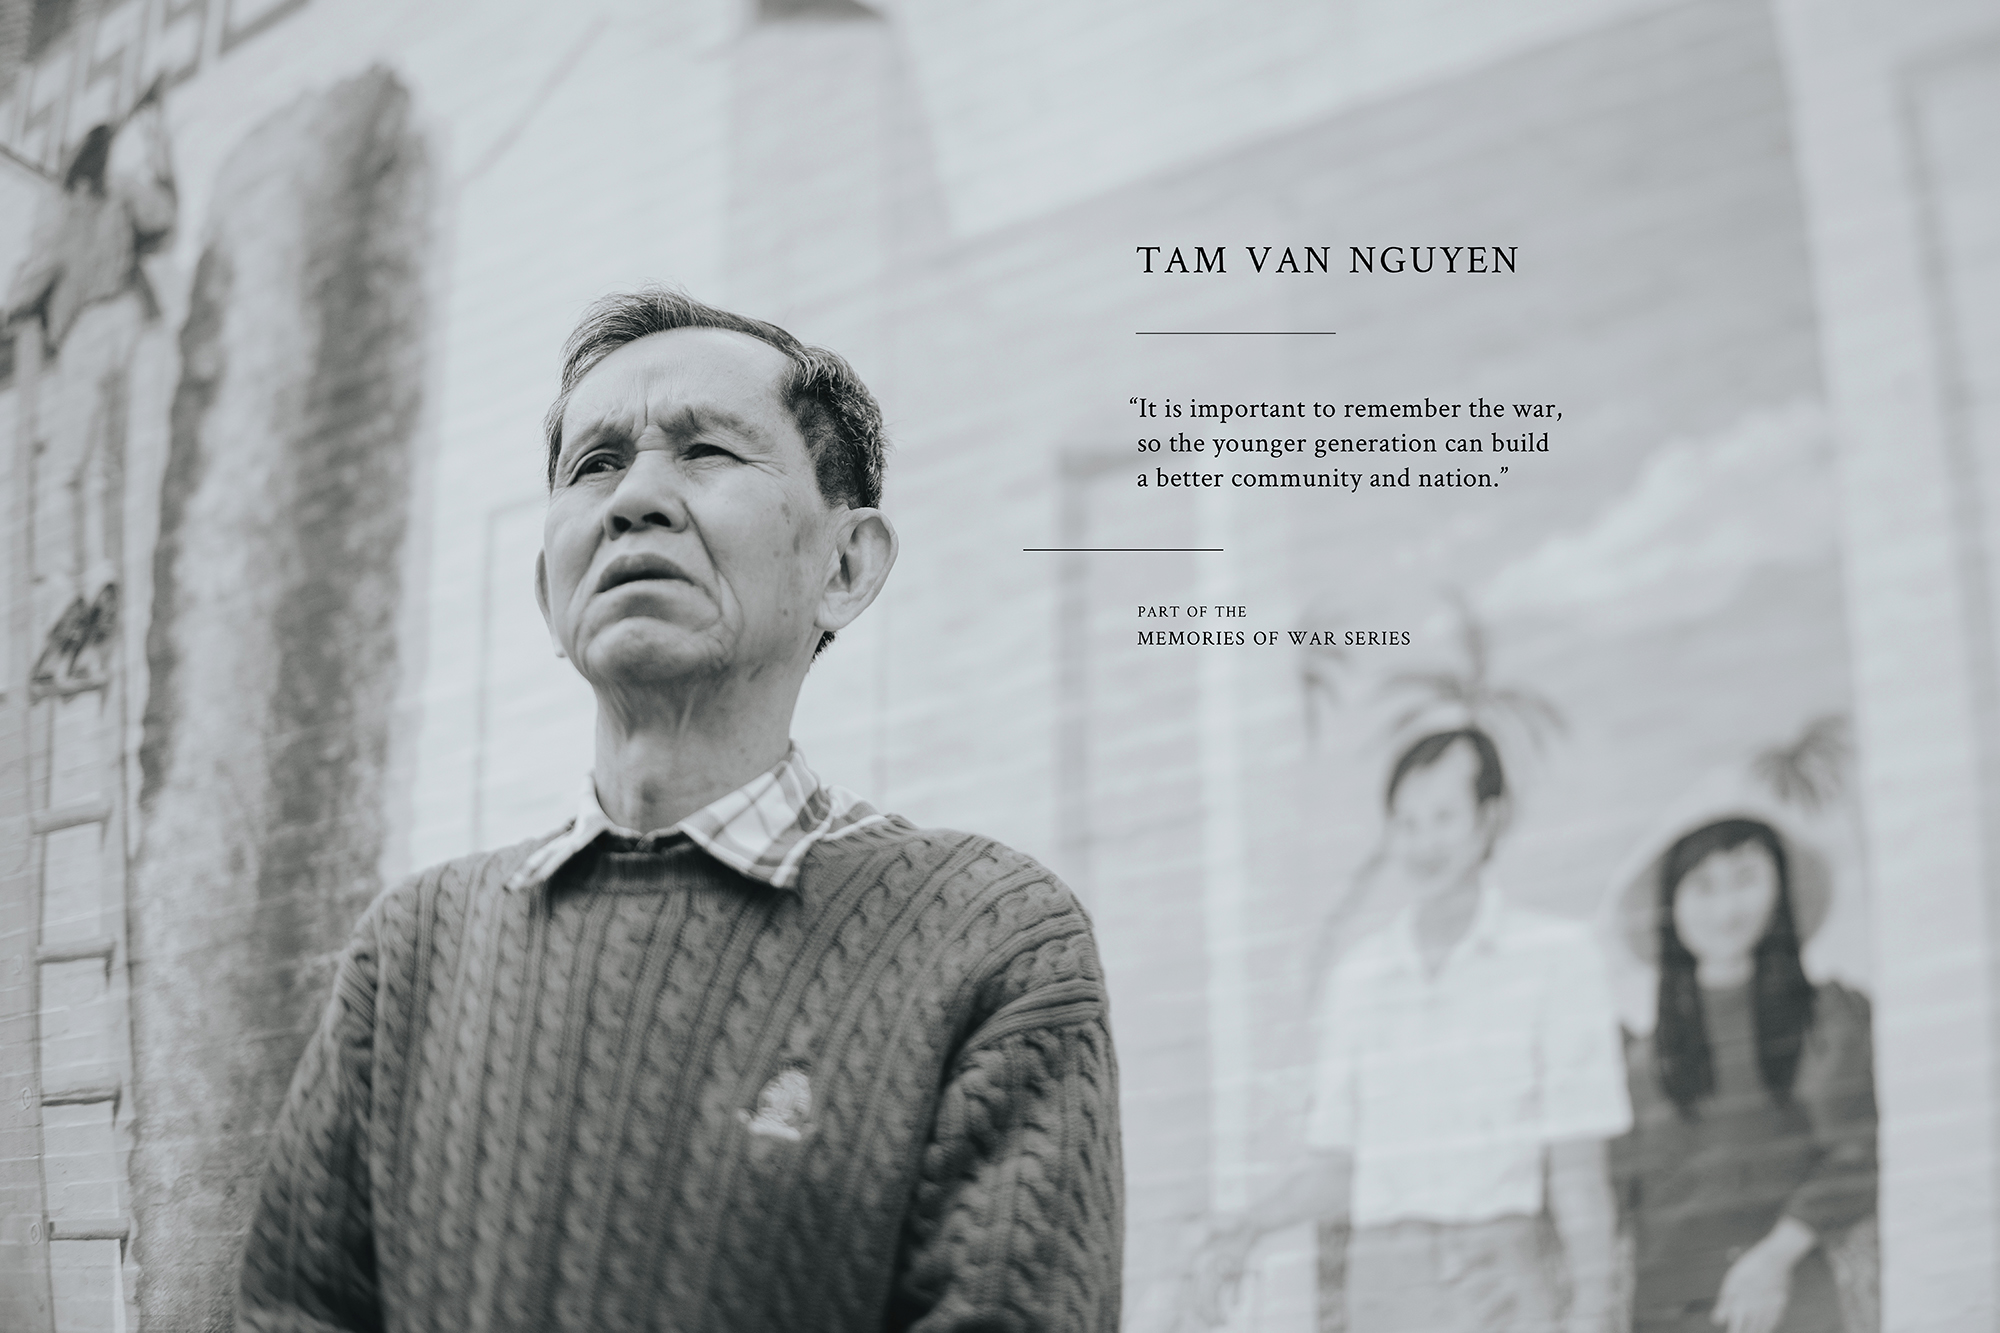 Tam Van Nguyen